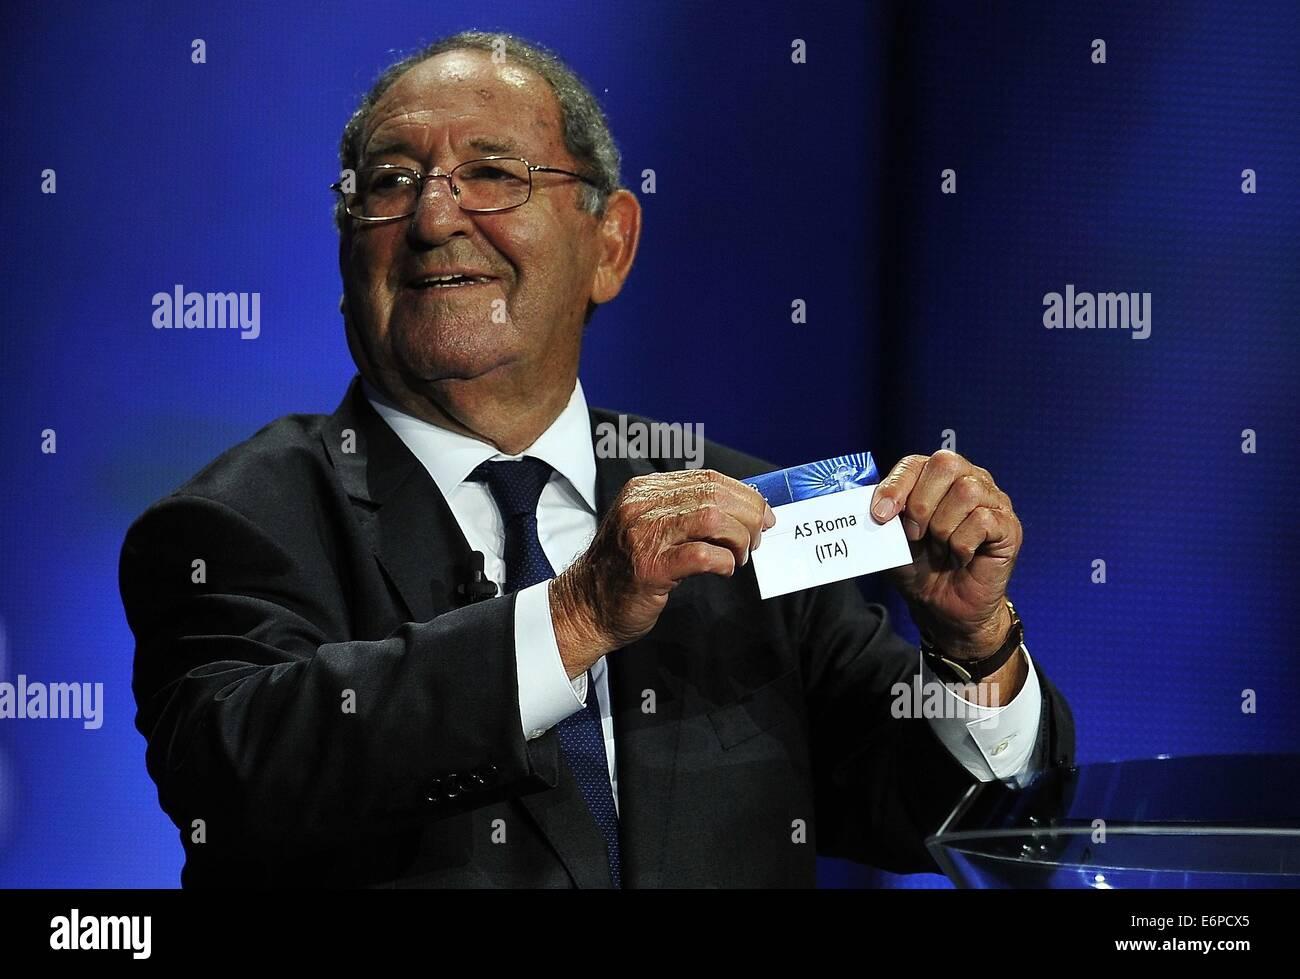 Monte Carlo Monaco 28th Aug 2014 FRANCISCO GENTO ex Real